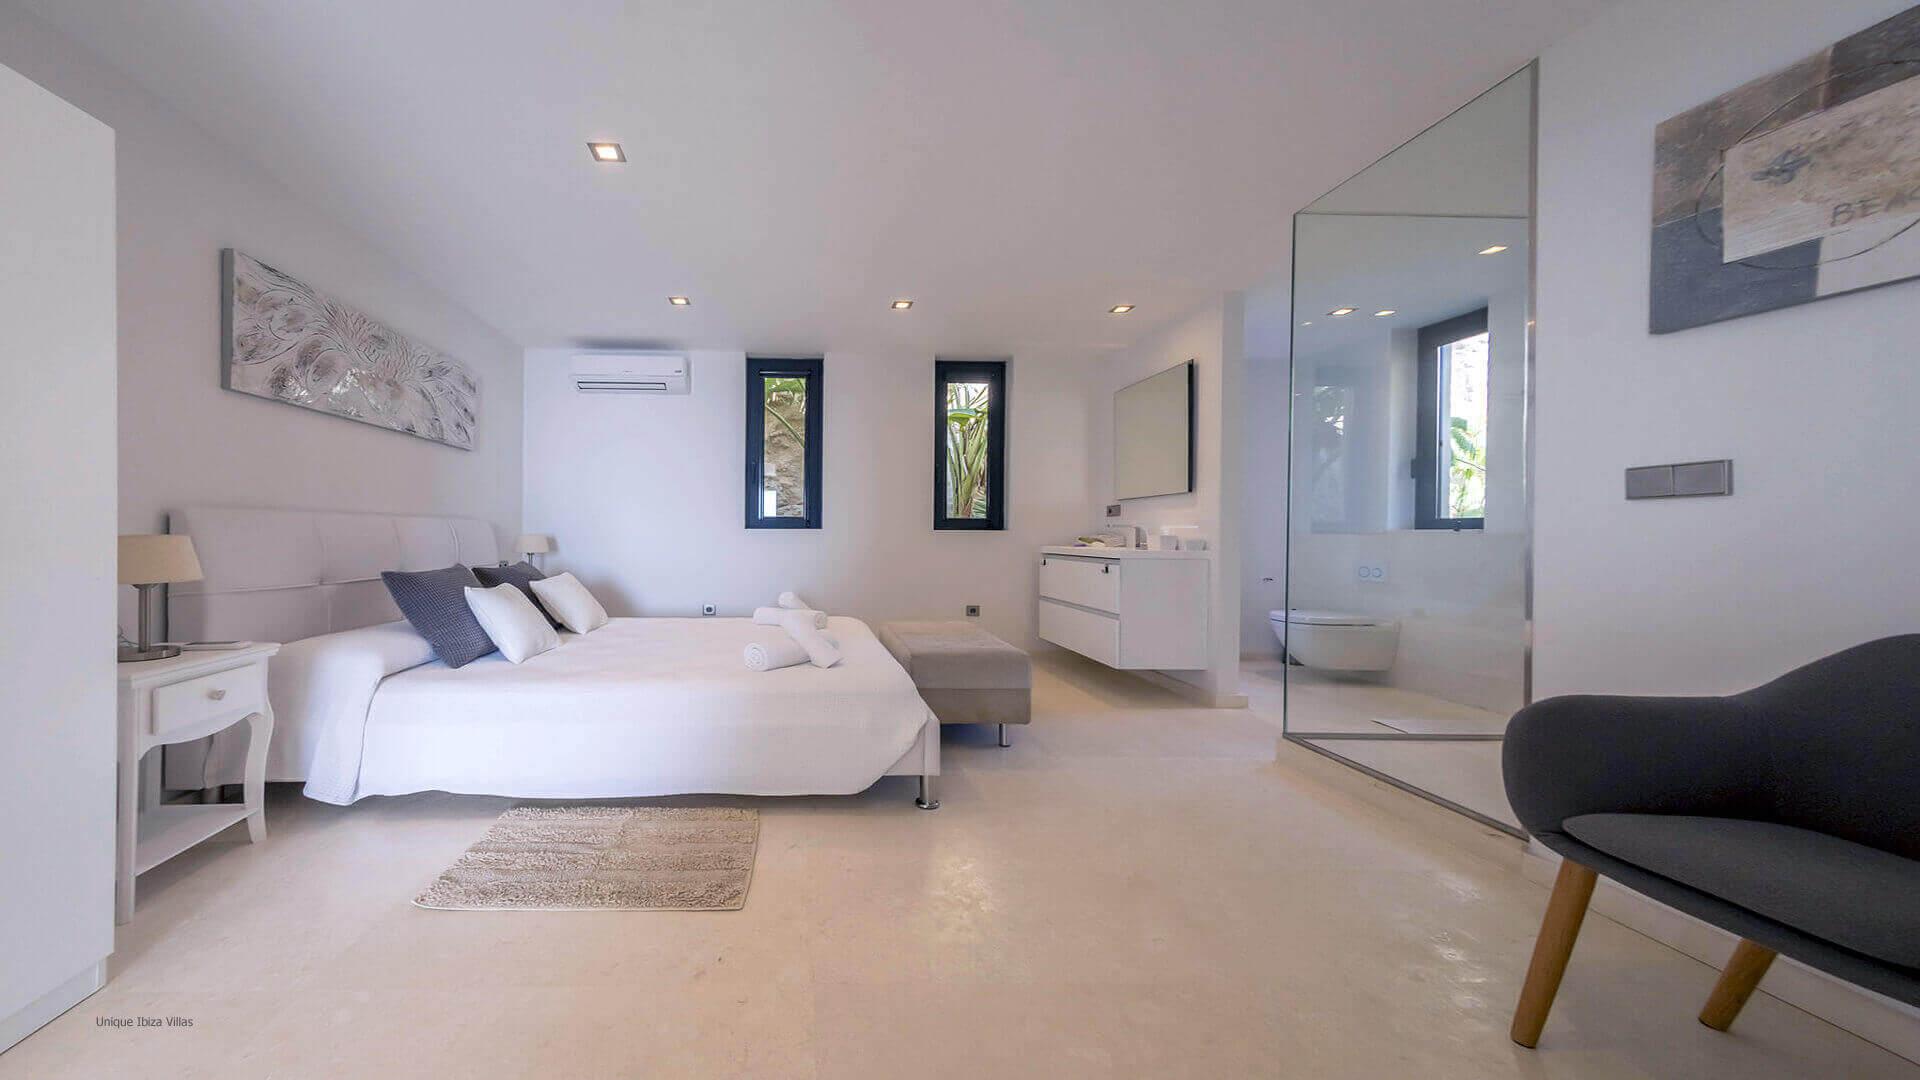 Villa Can Miguel Simo Ibiza 38 Bedroom 2